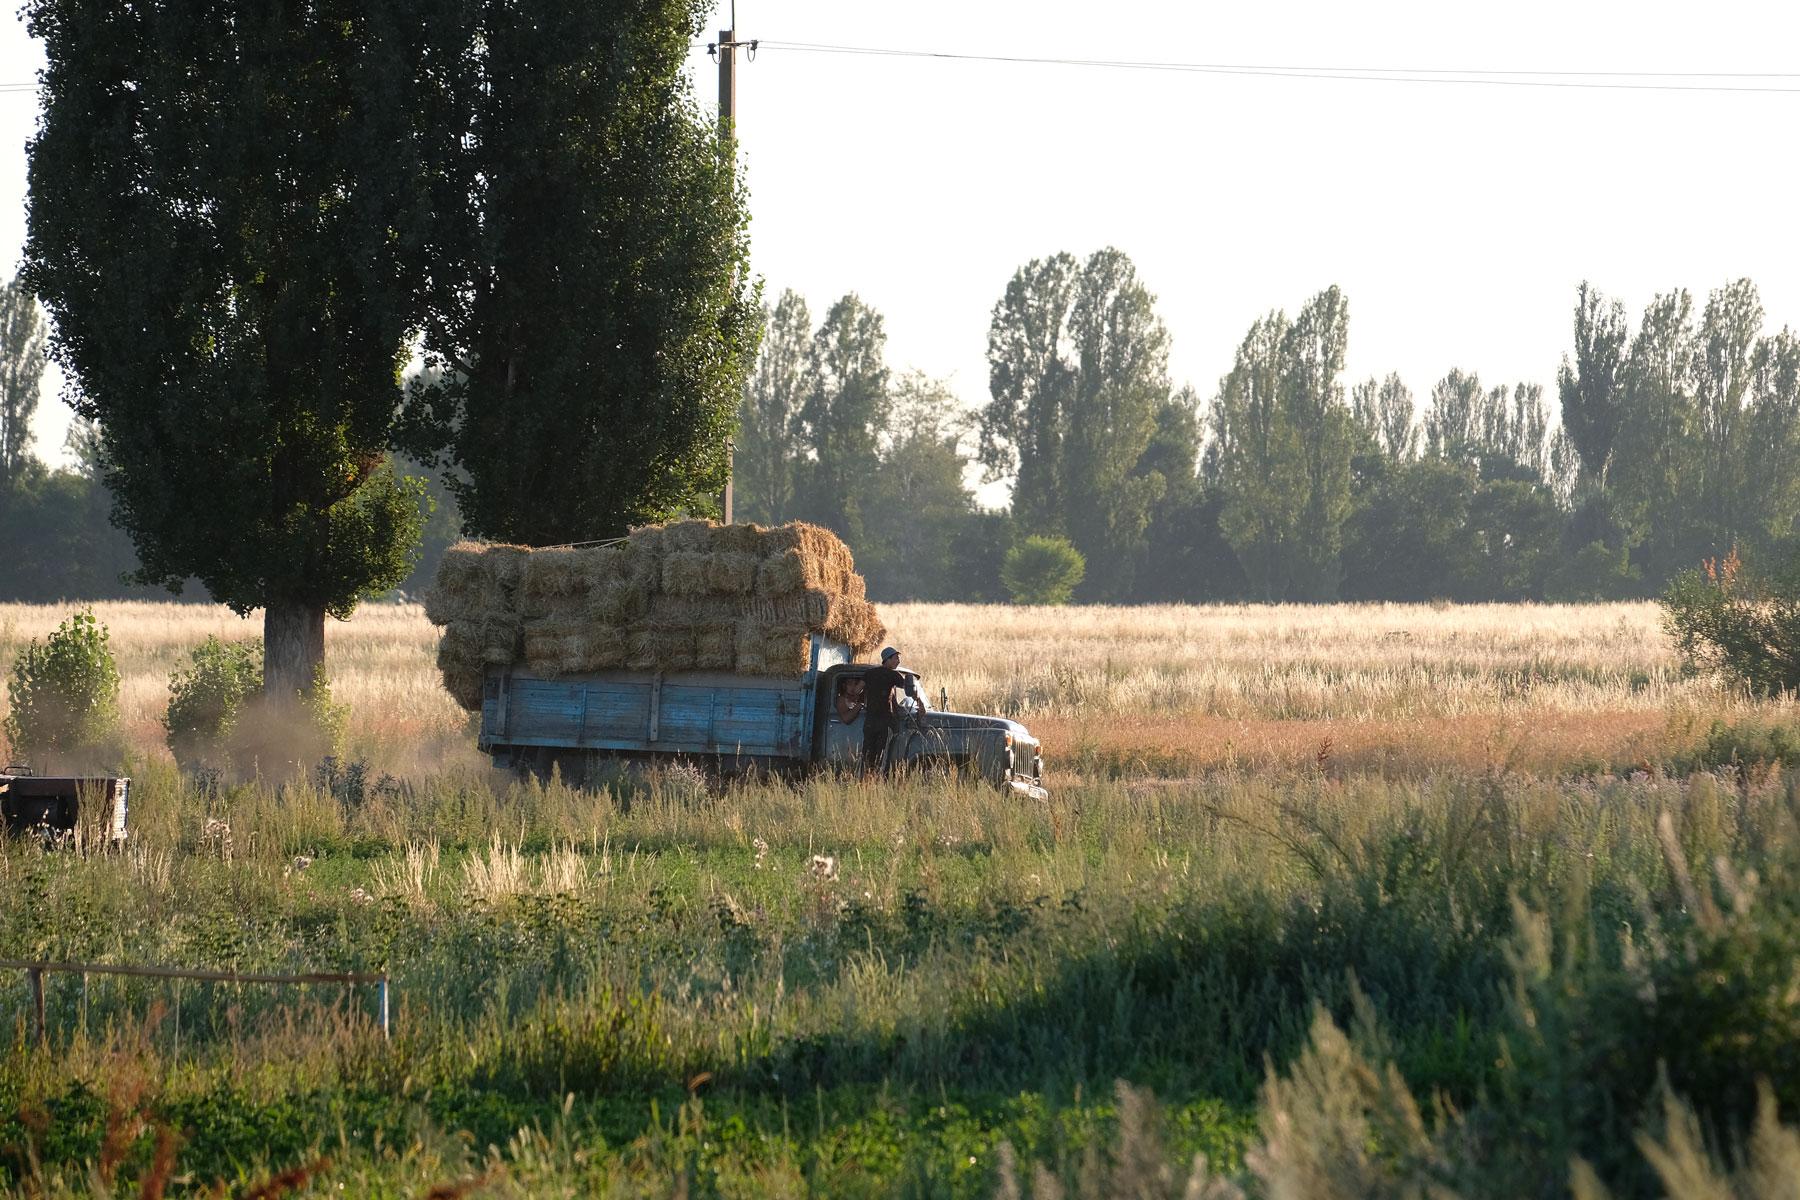 Ein Lastwagen, der mit Stroh beladen ist , fährt über eine Wiese.